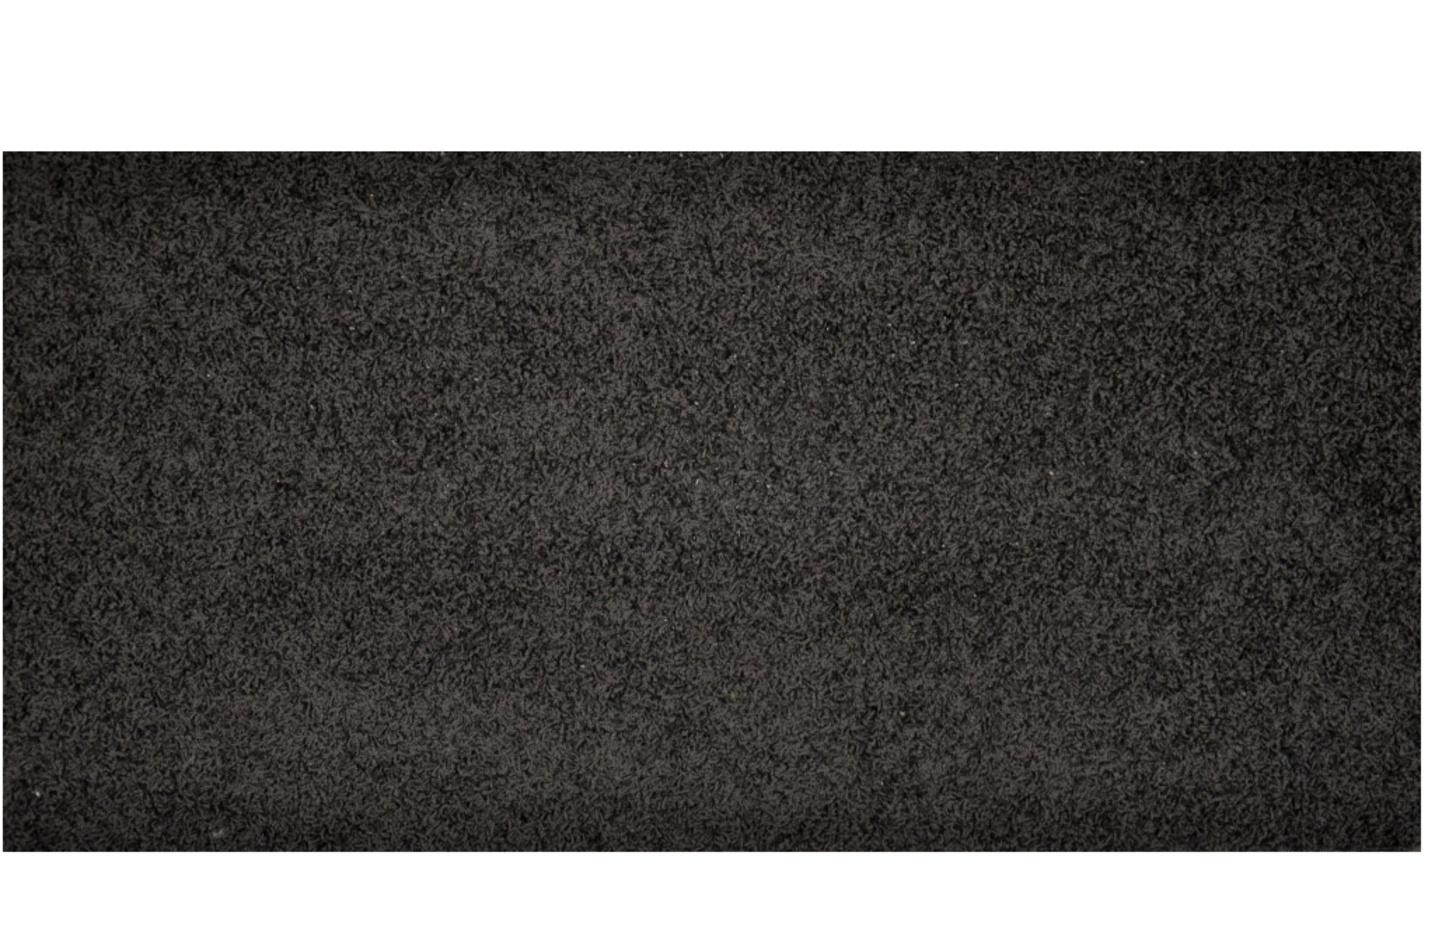 Vopi Kusový koberec Elite Shaggy čierna, 80 x 150 cm